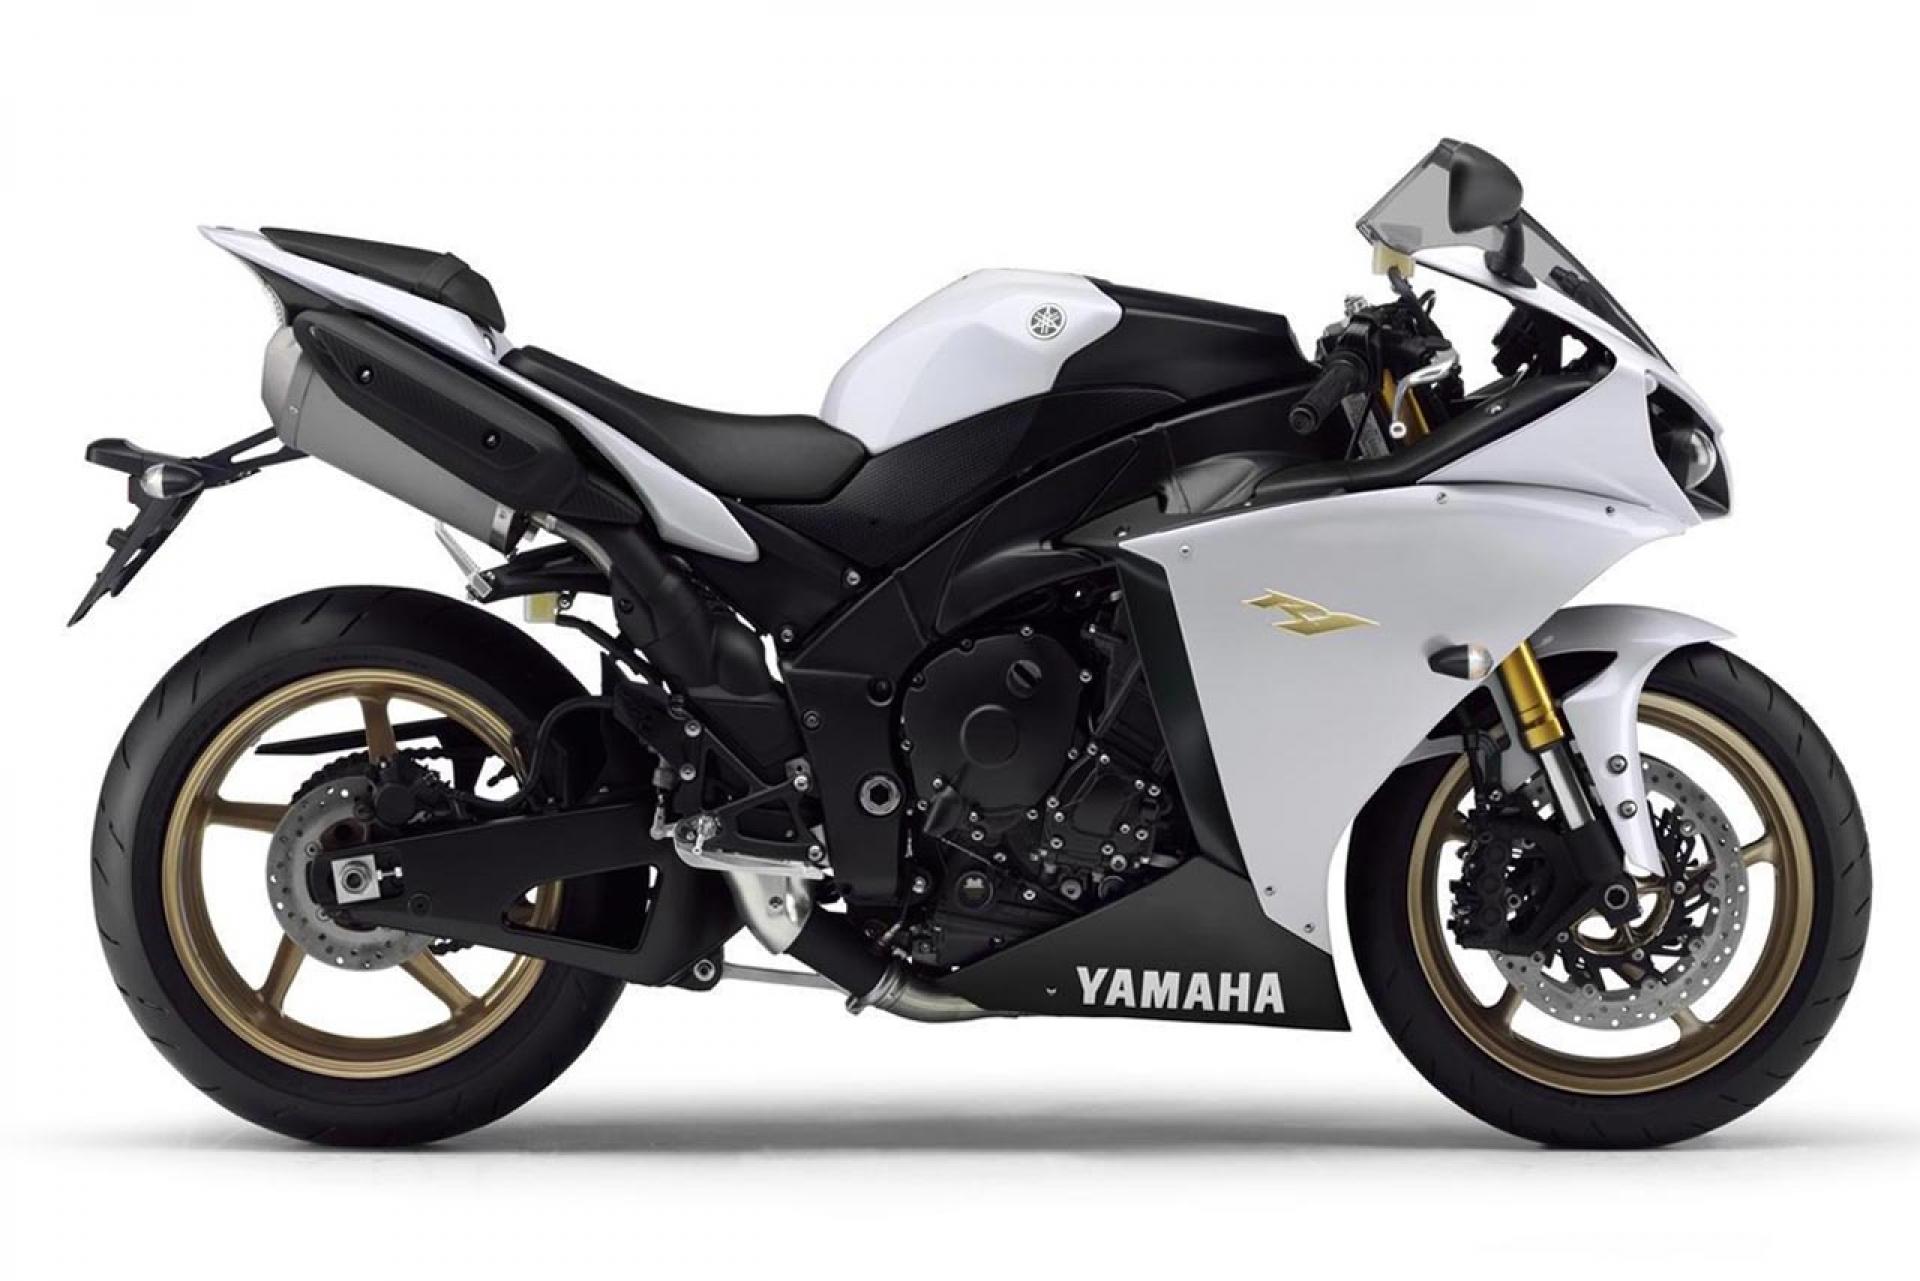 2015 Yamaha R1 rumoured to make 230hp